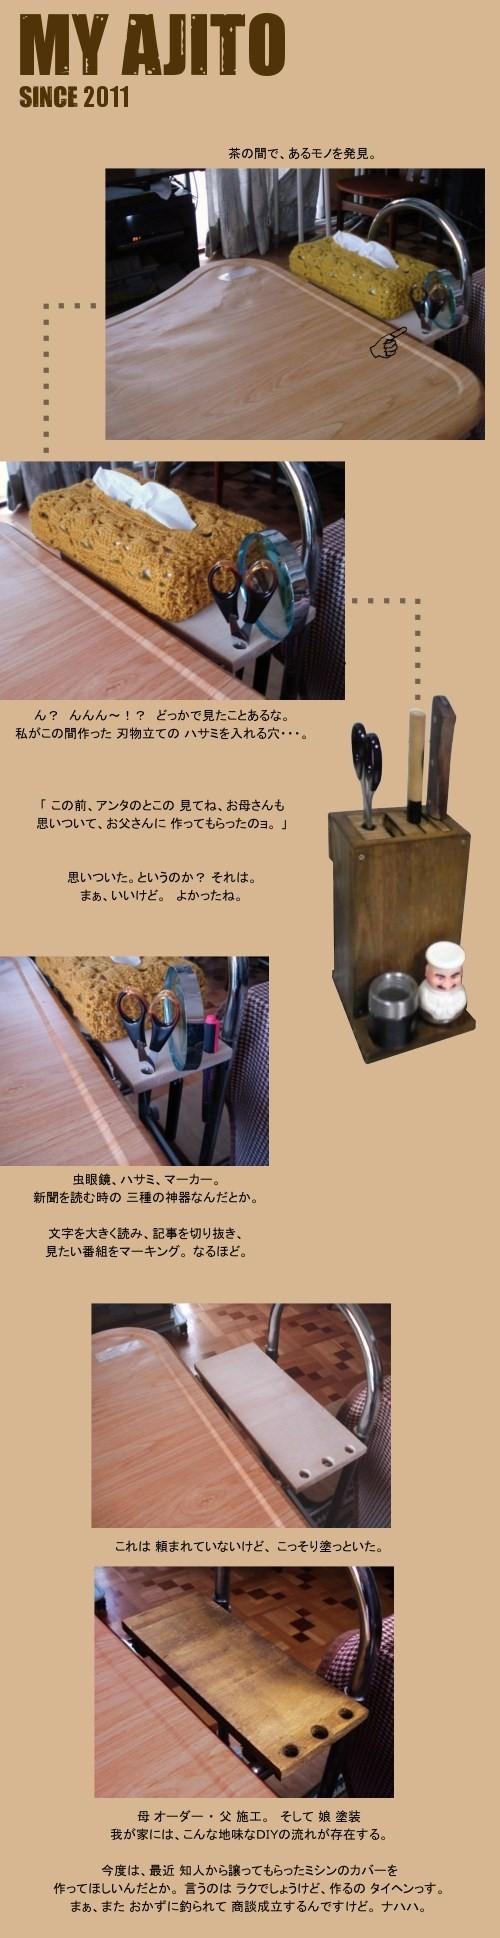 hahao_5.jpg